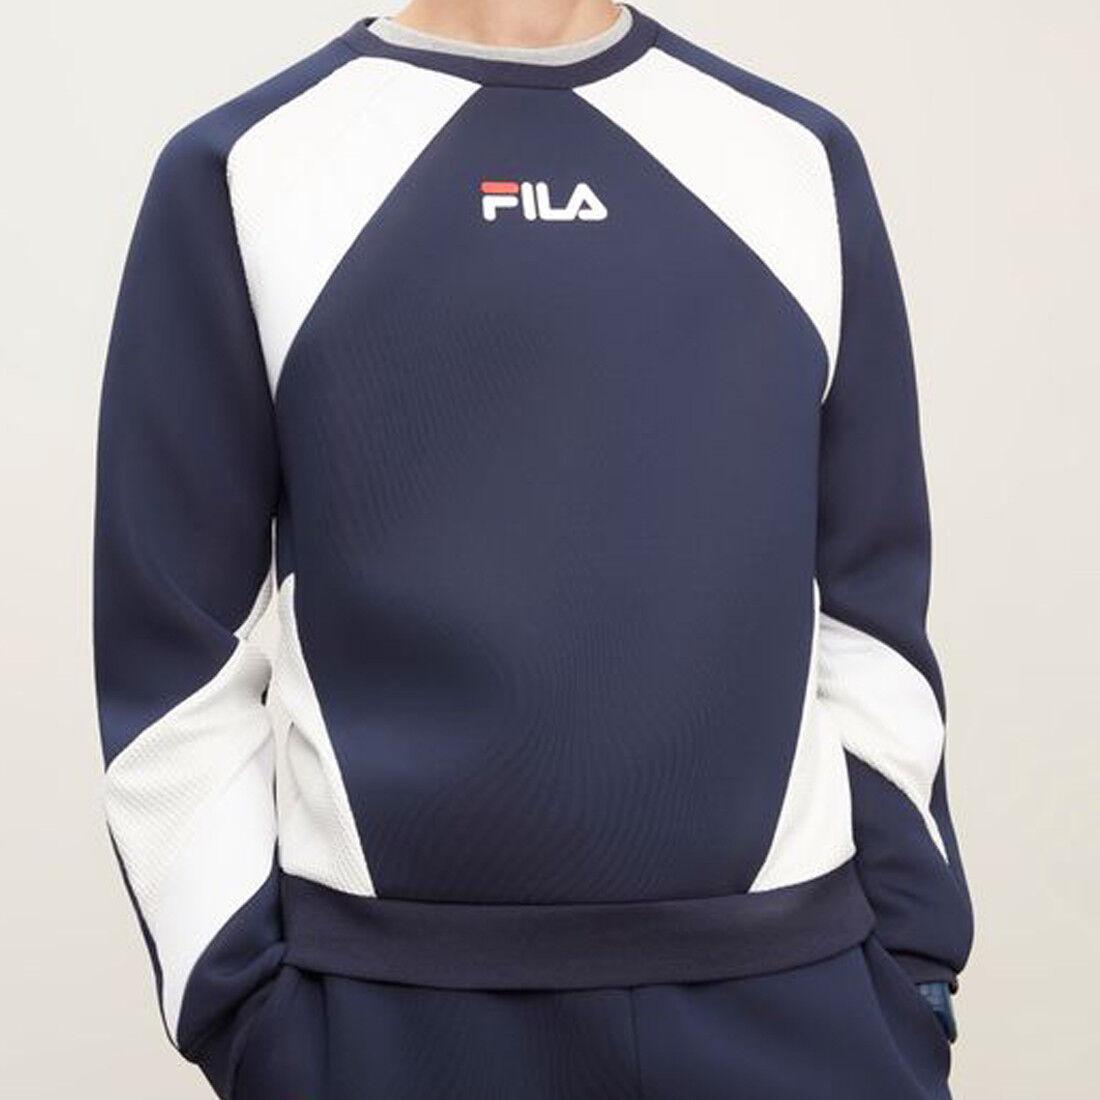 NEW Fila Men's Zelda Textured Crew Sweatshirt  lm183793 410